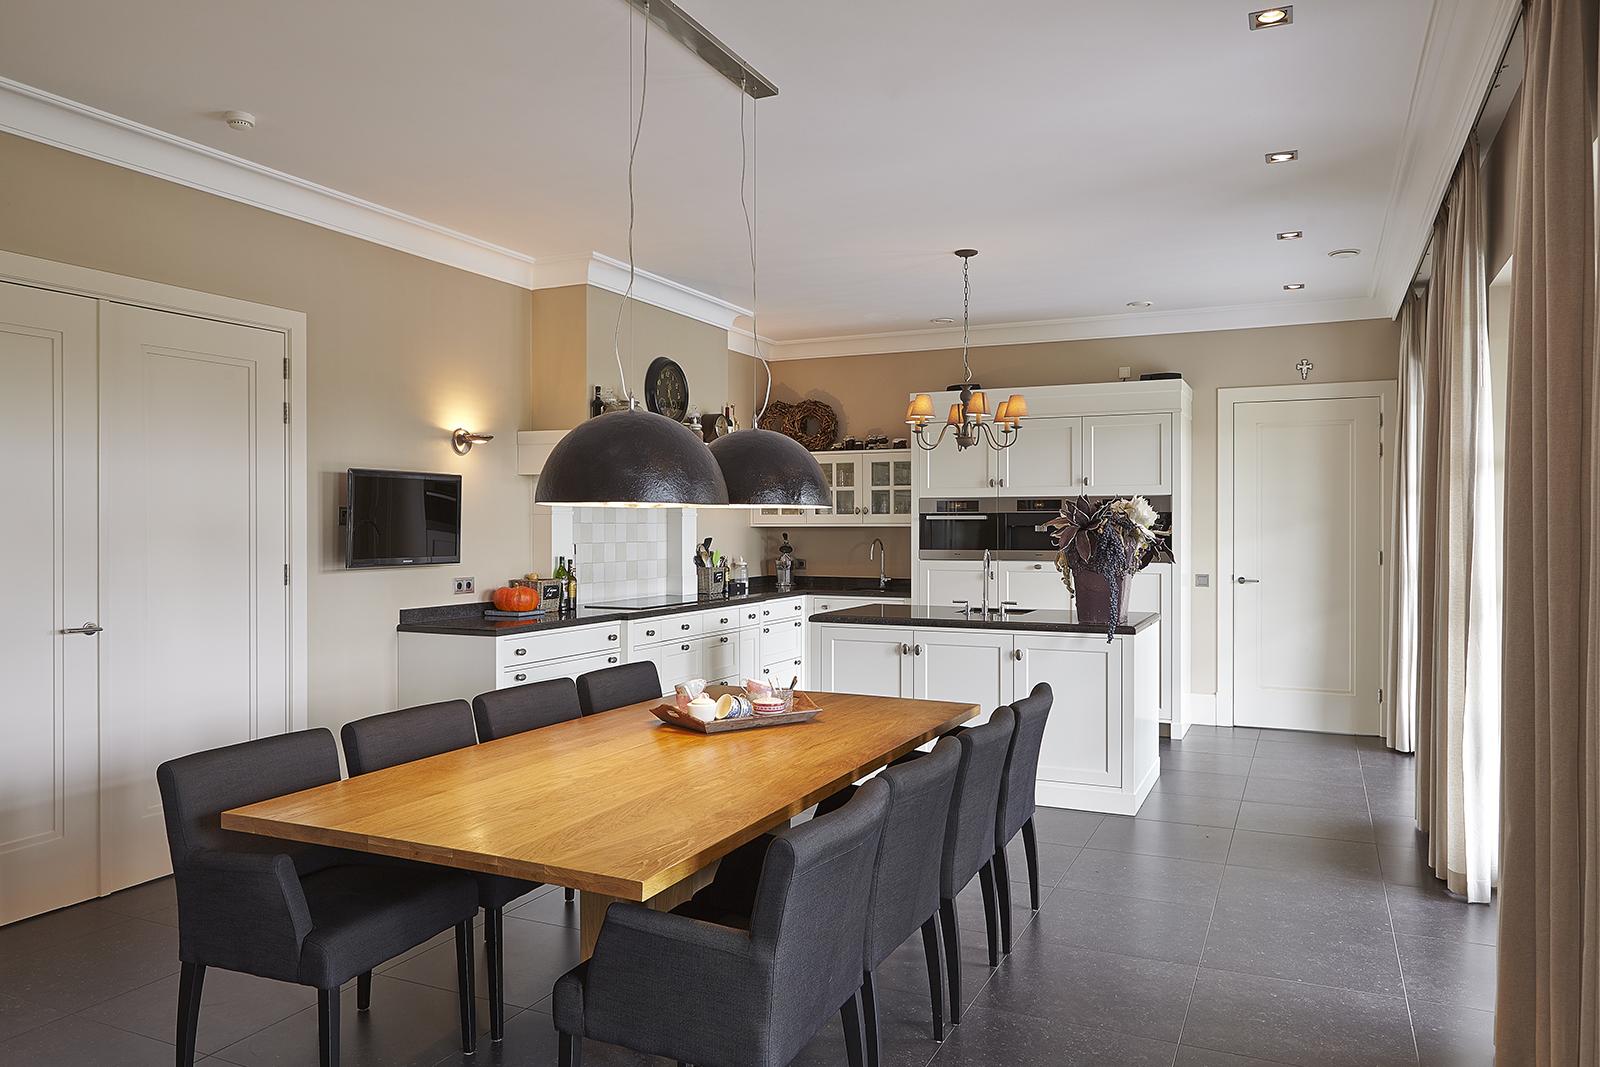 The Art of Living, Exclusief wonen, Marco Daverveld Interieur designer, leefkeuken, keuken, tafel, design, interieur, gordijnen, luxe, tegelvloer, klassiek